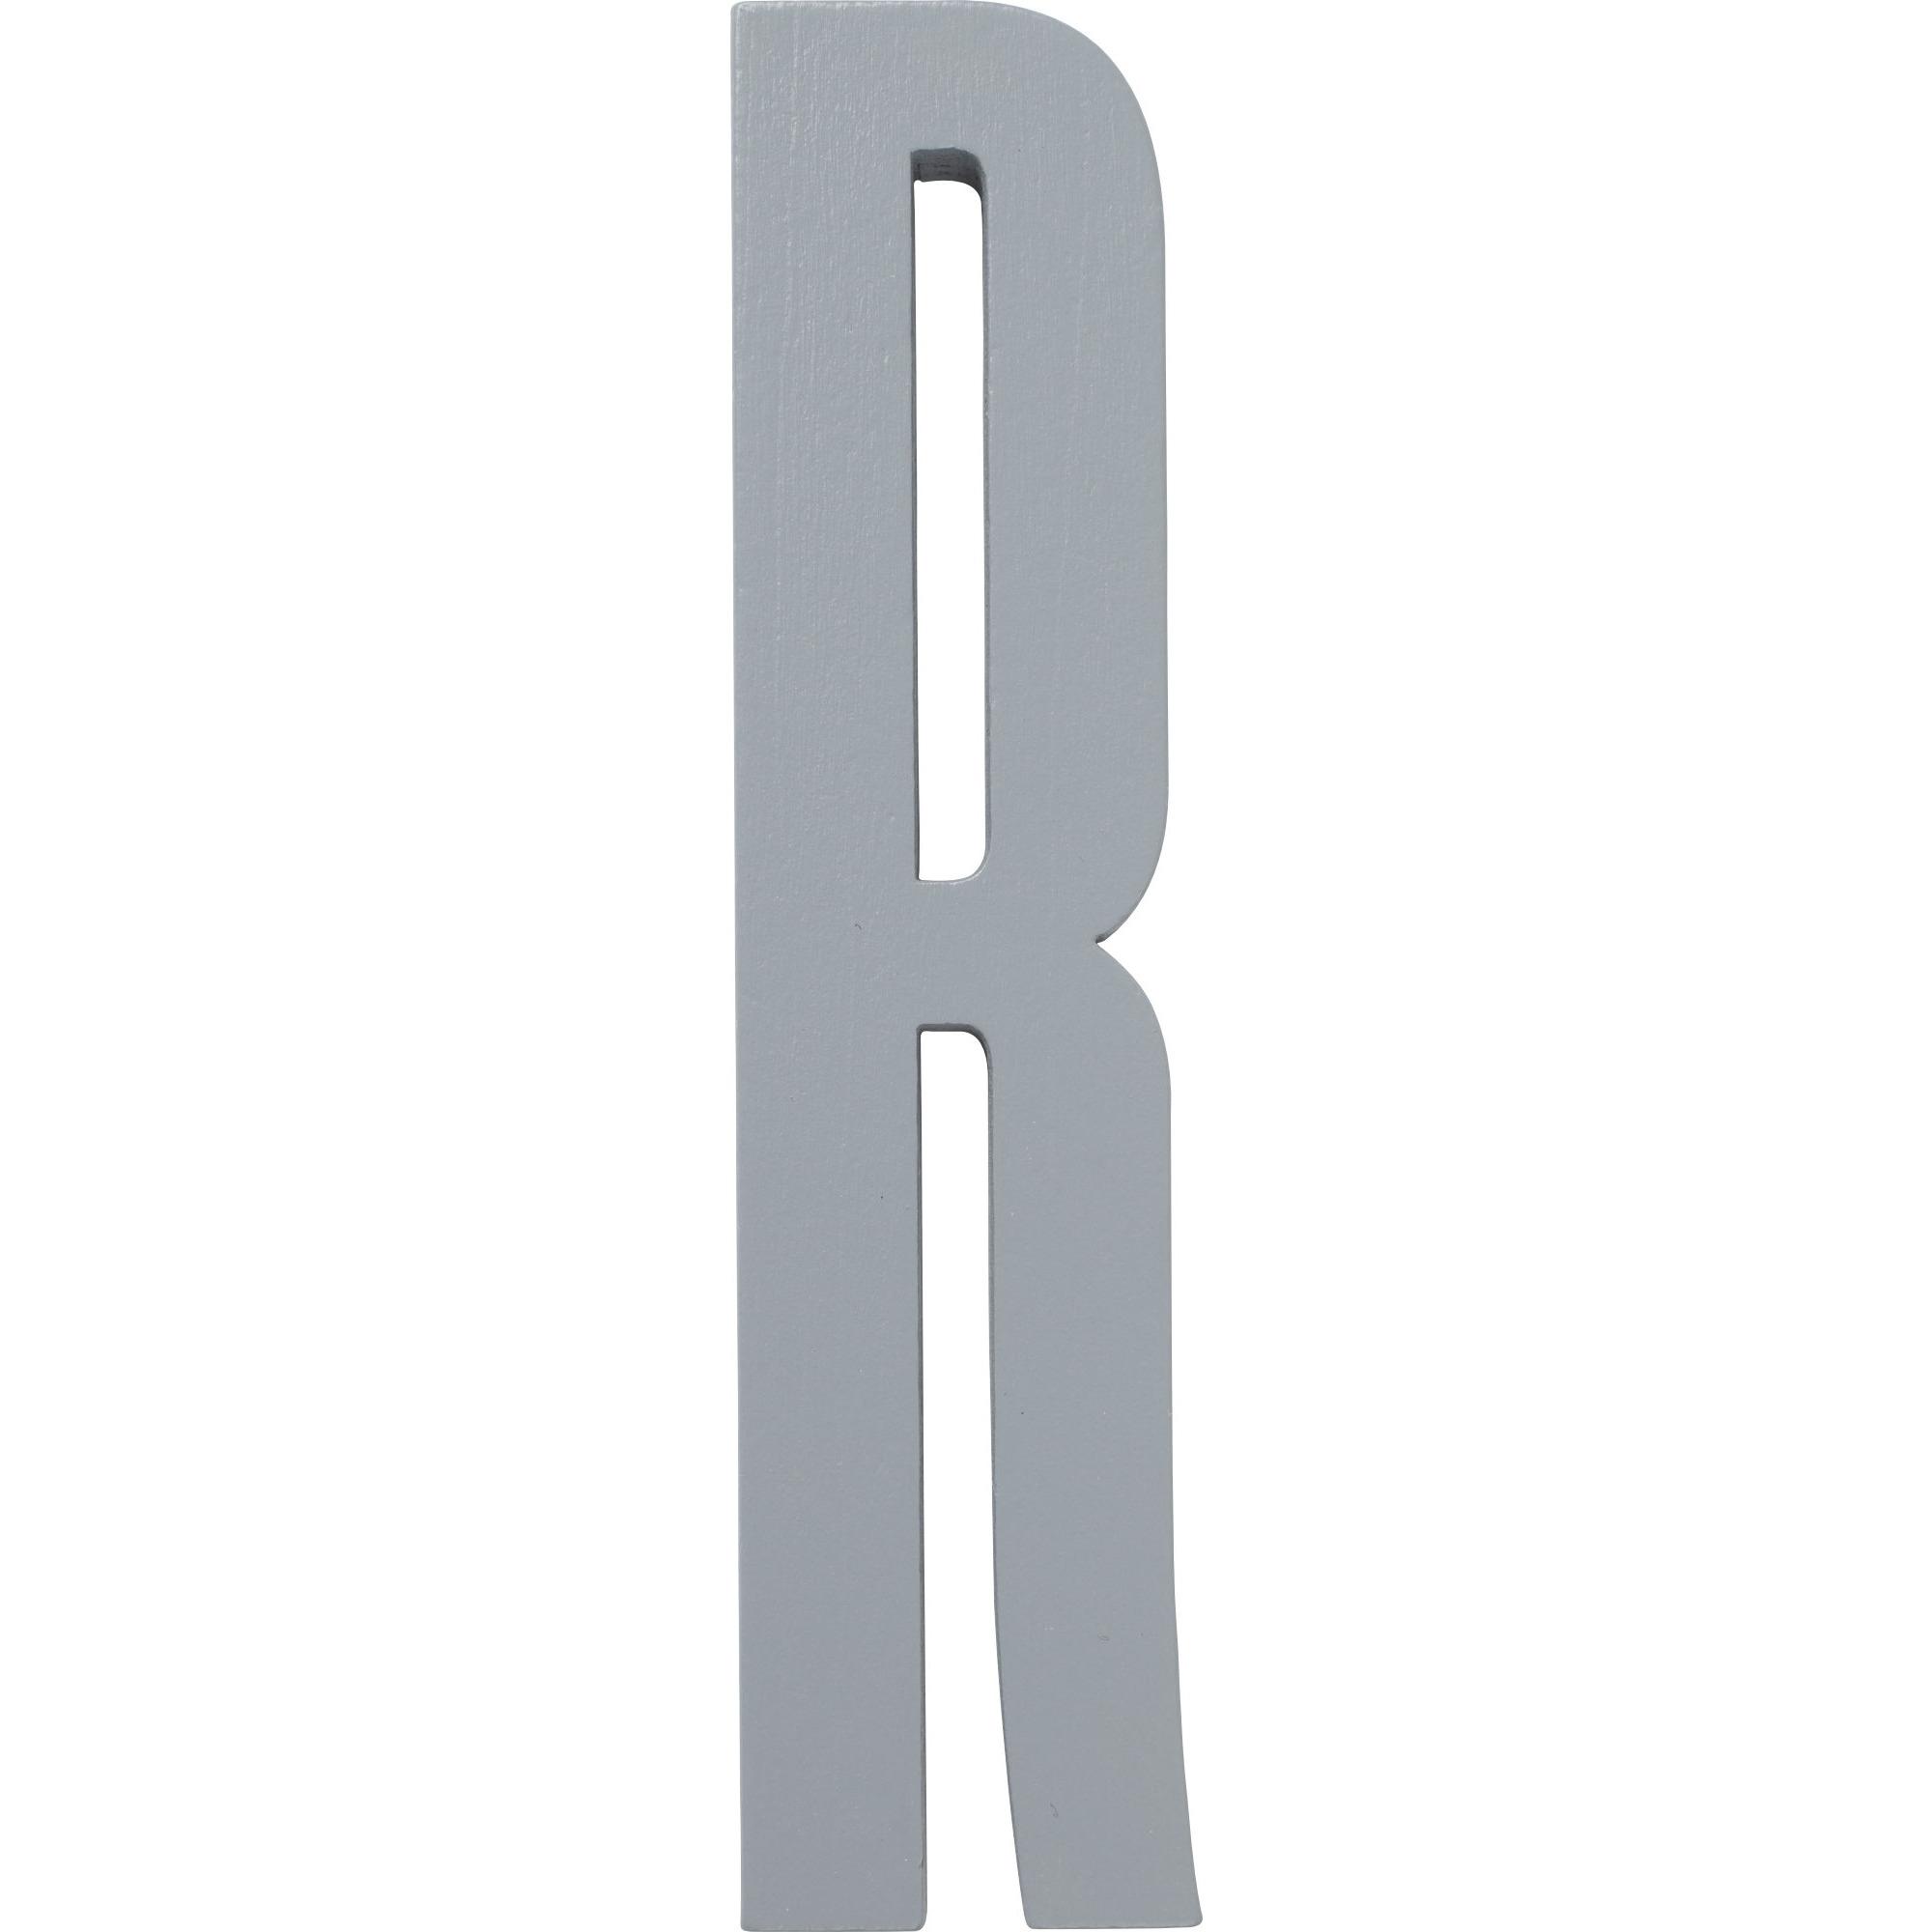 Design Letters Grå Bokstav i Trä R